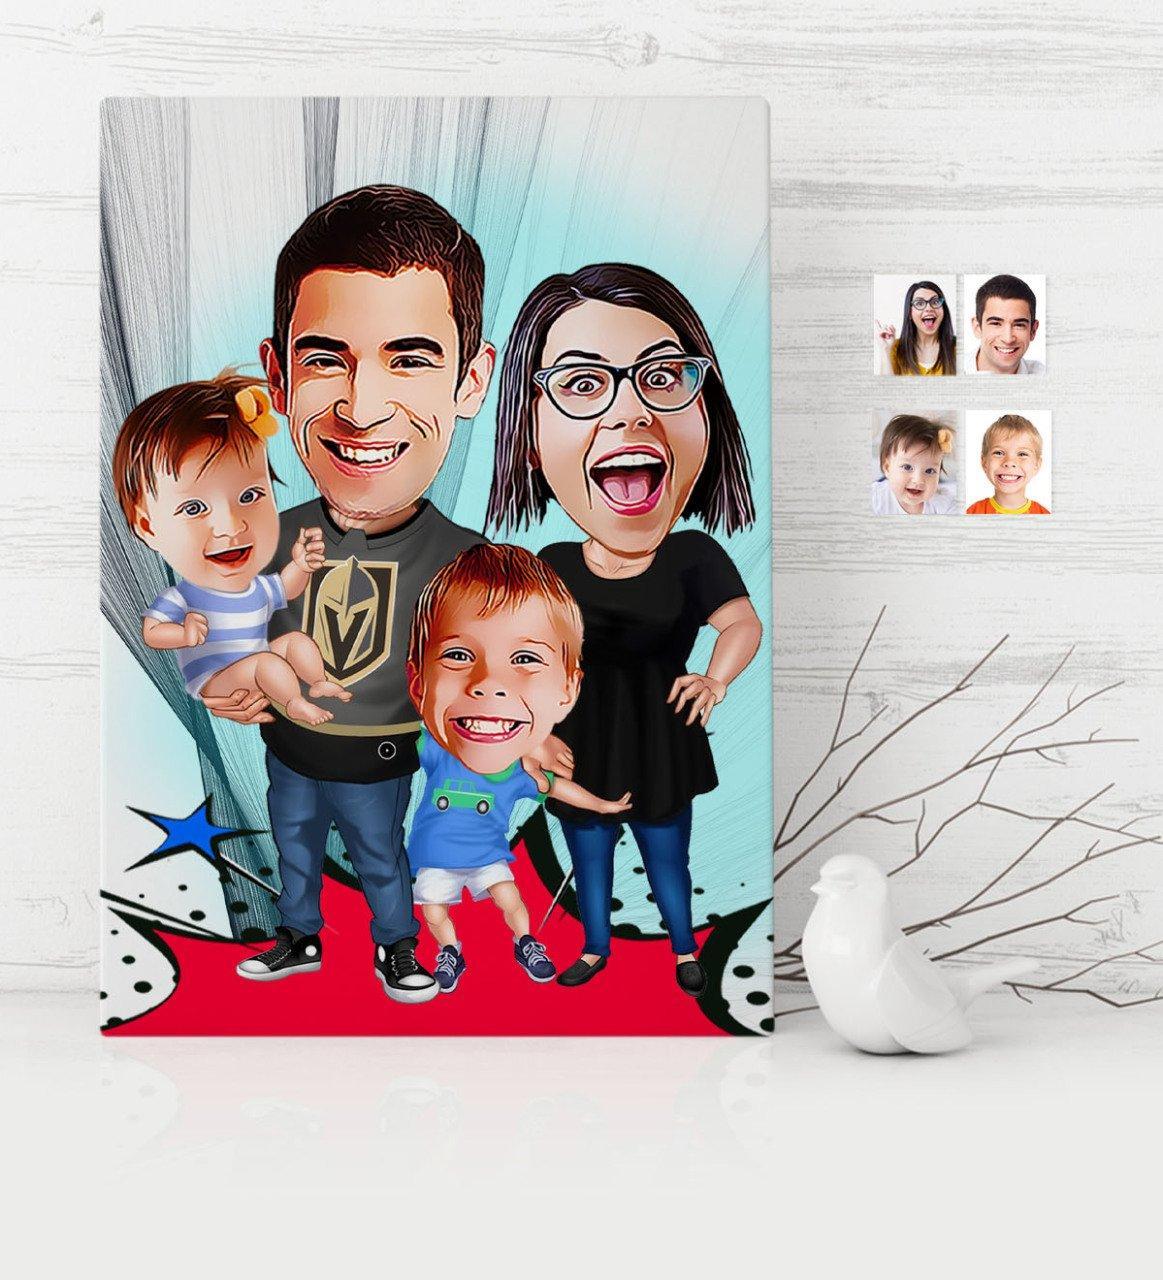 개인 가족 만화 캔버스 표 30 × 50 cm-3 애완 동물 집 정원 용품